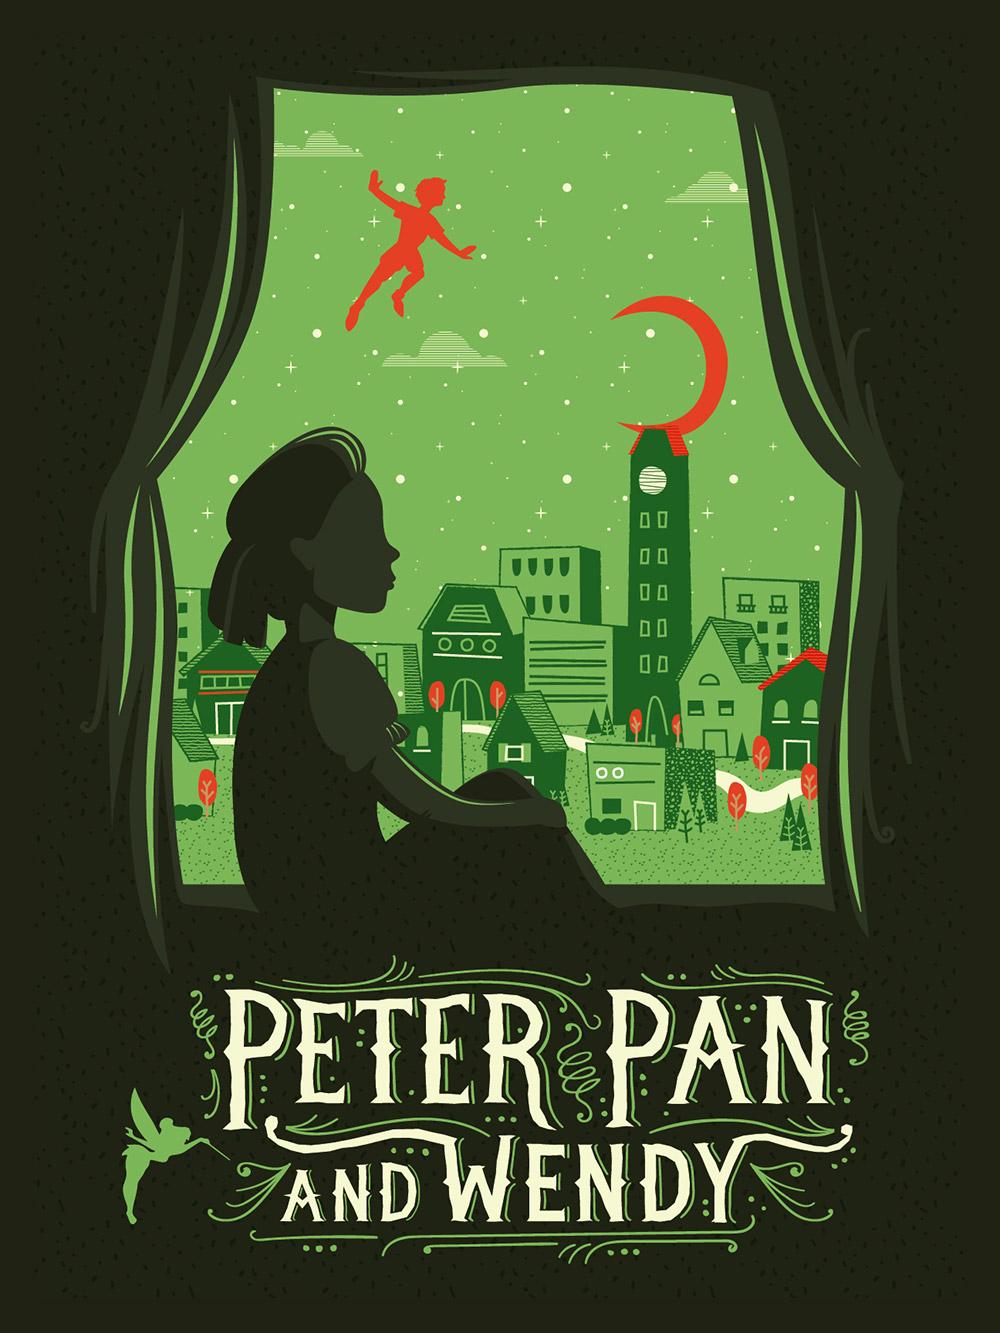 DePaul_PeterPan-01